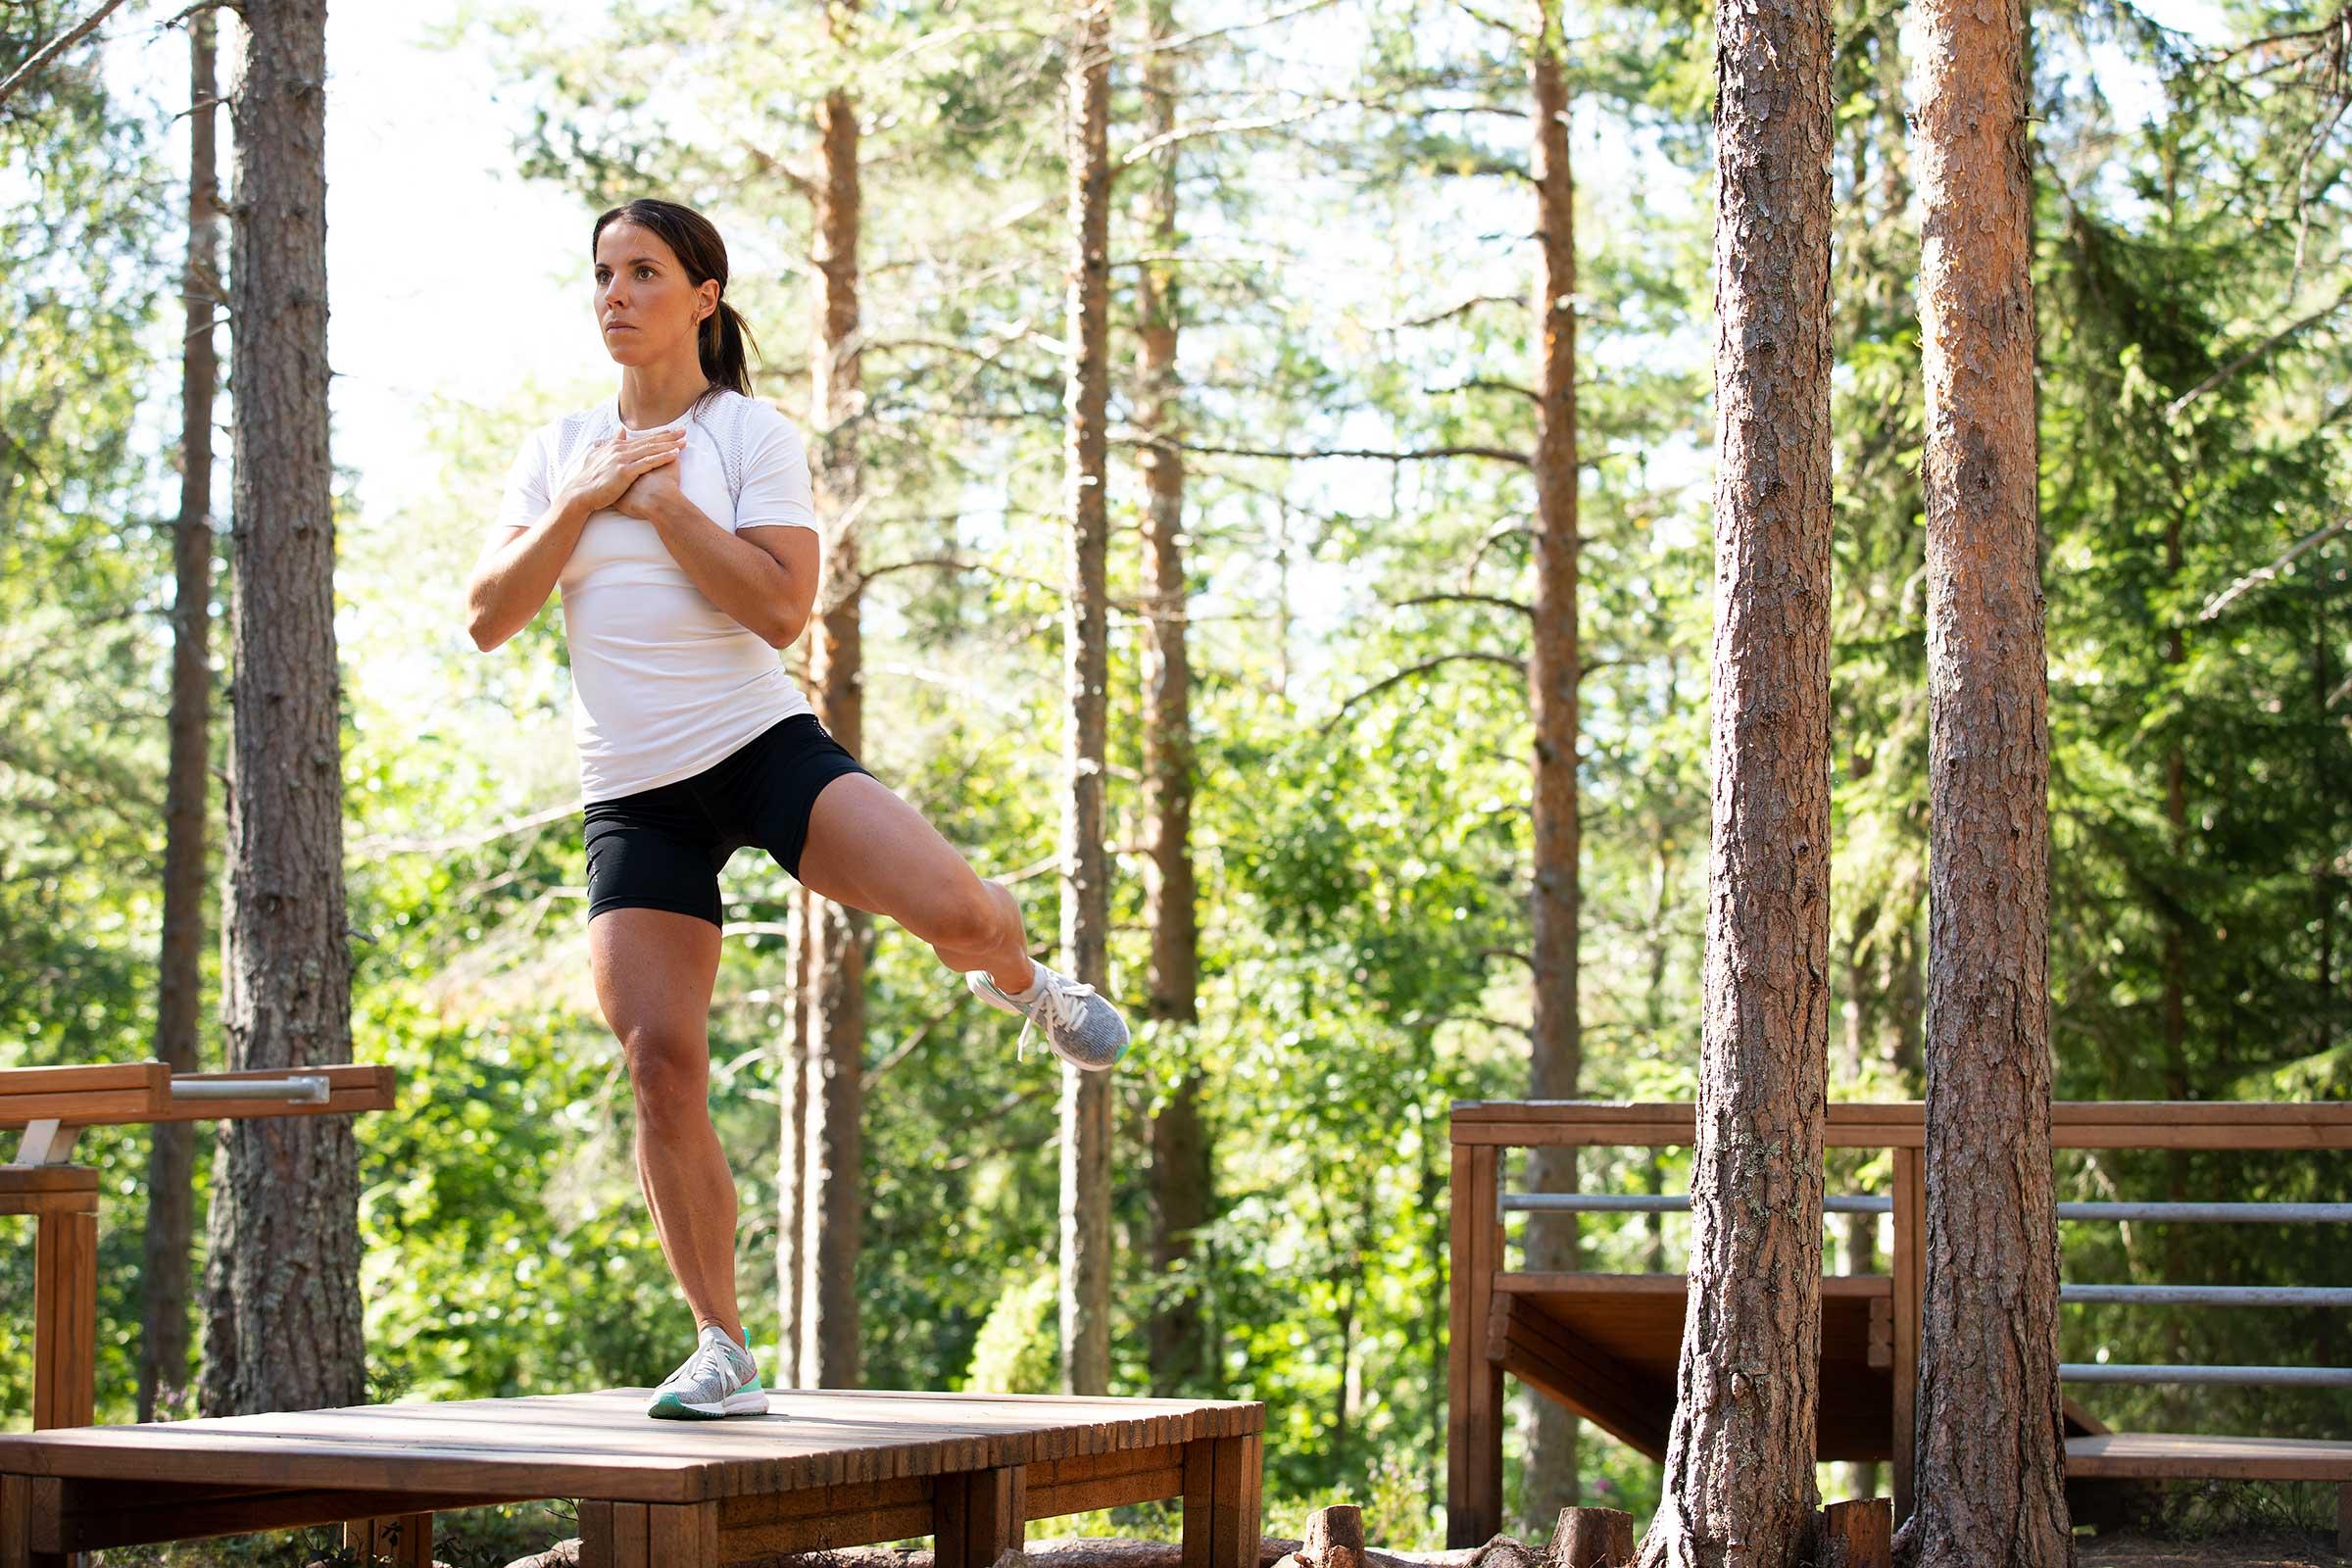 Charlotte Kalla fotograferad i utegym mot skogsmiljö